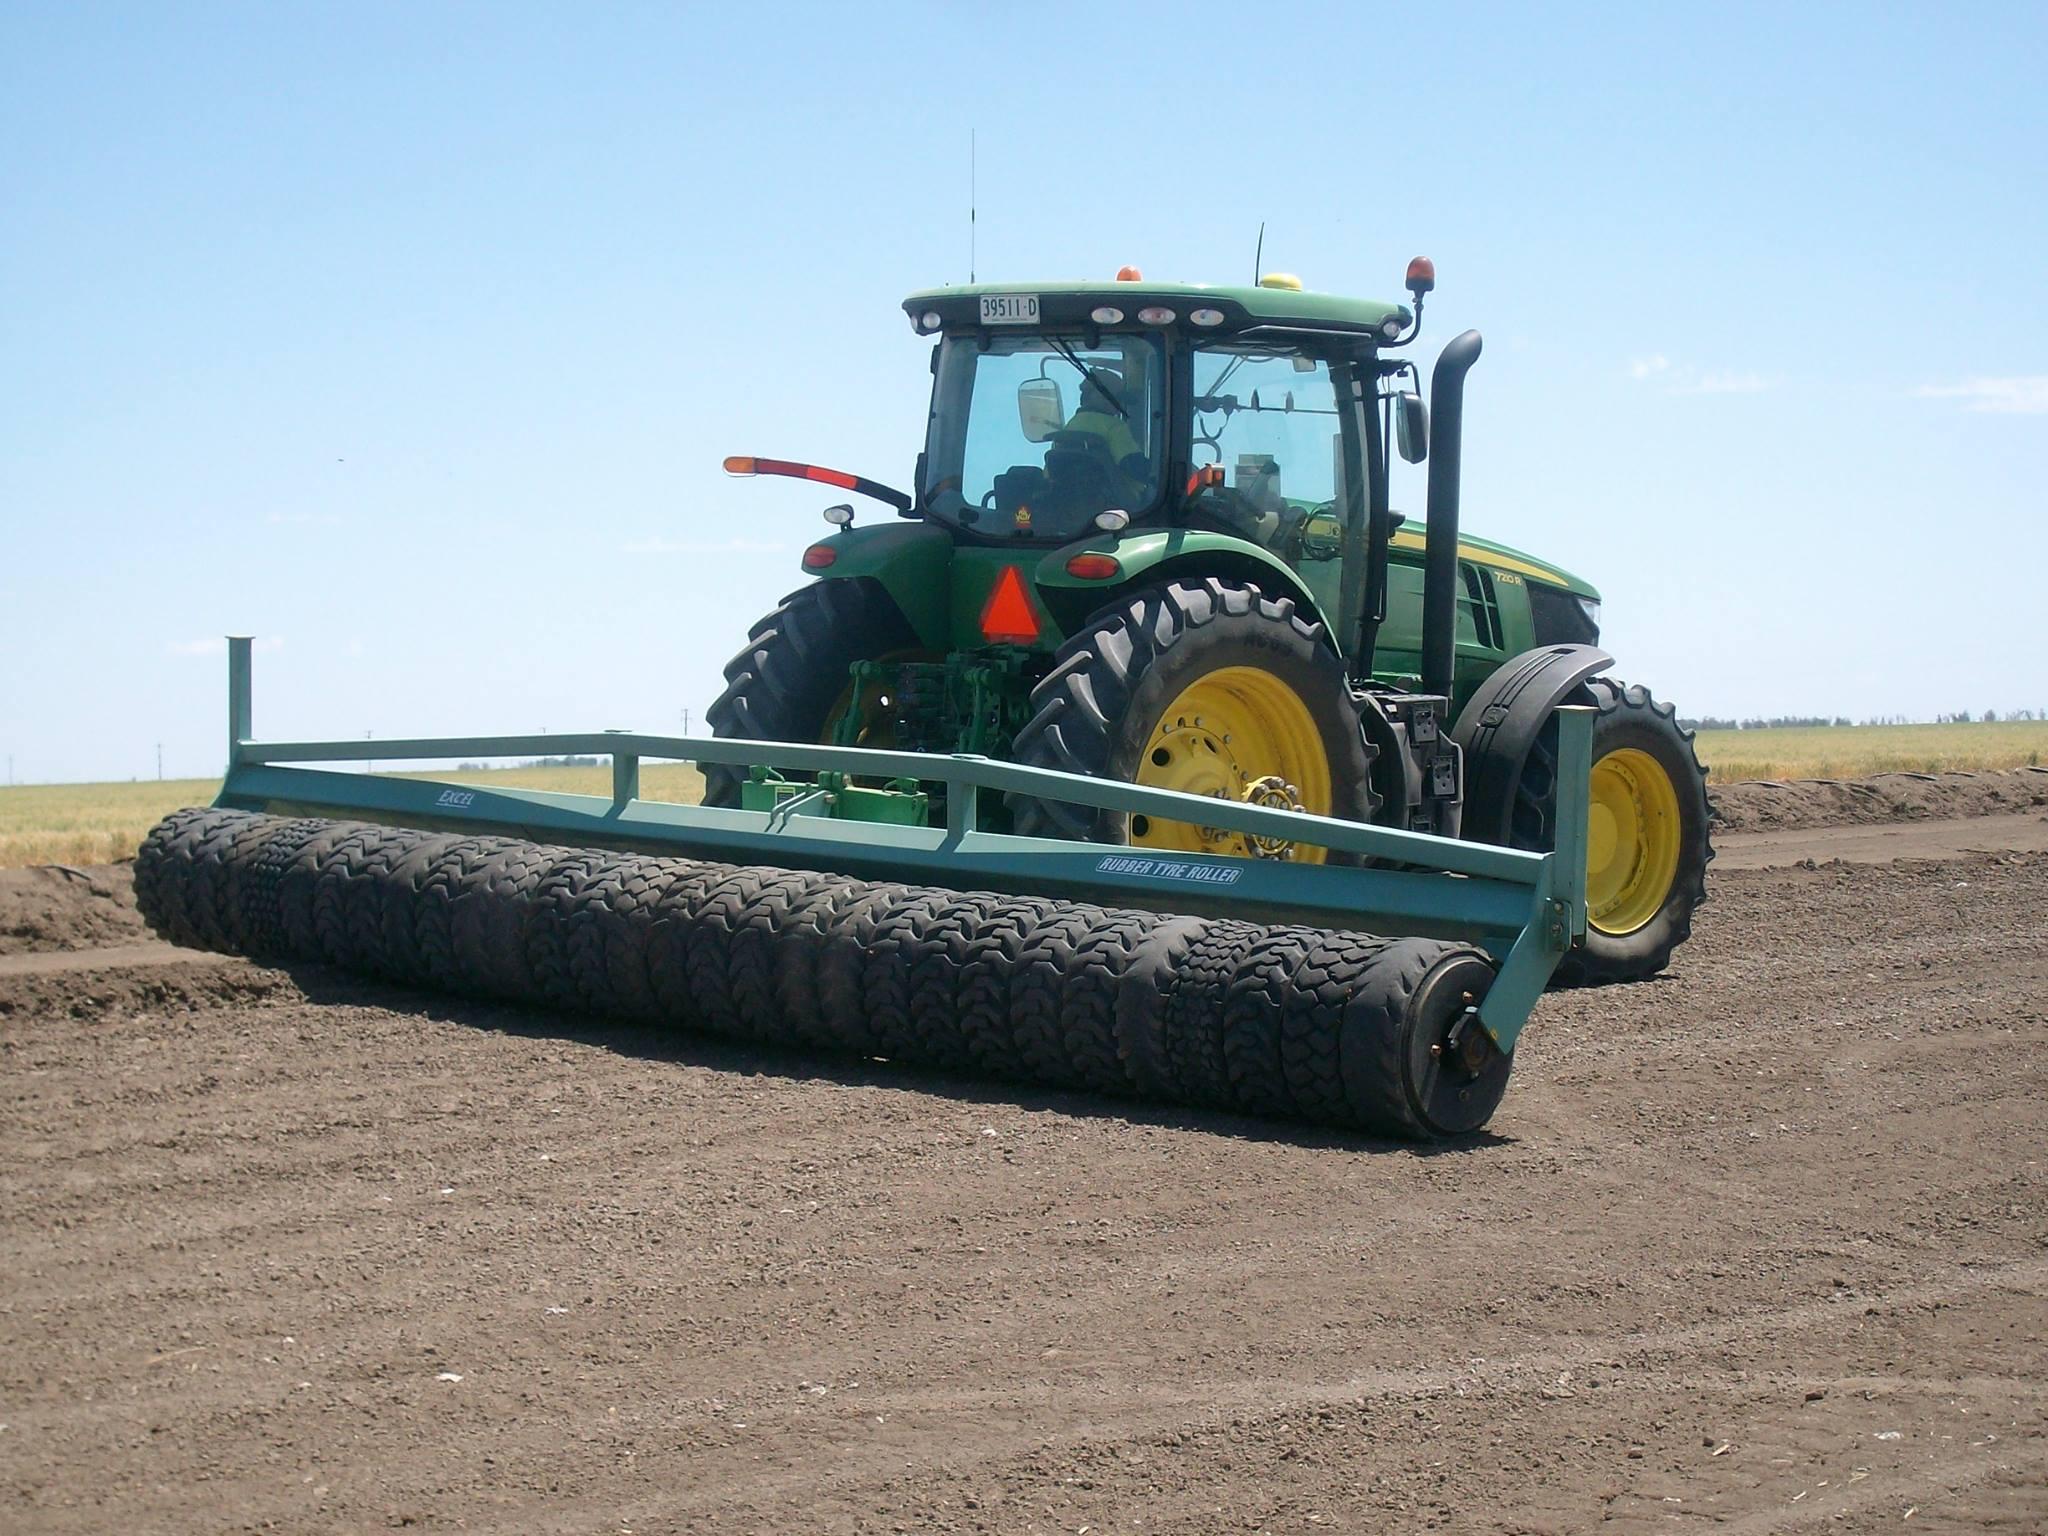 John Deeere tractor rolling soil